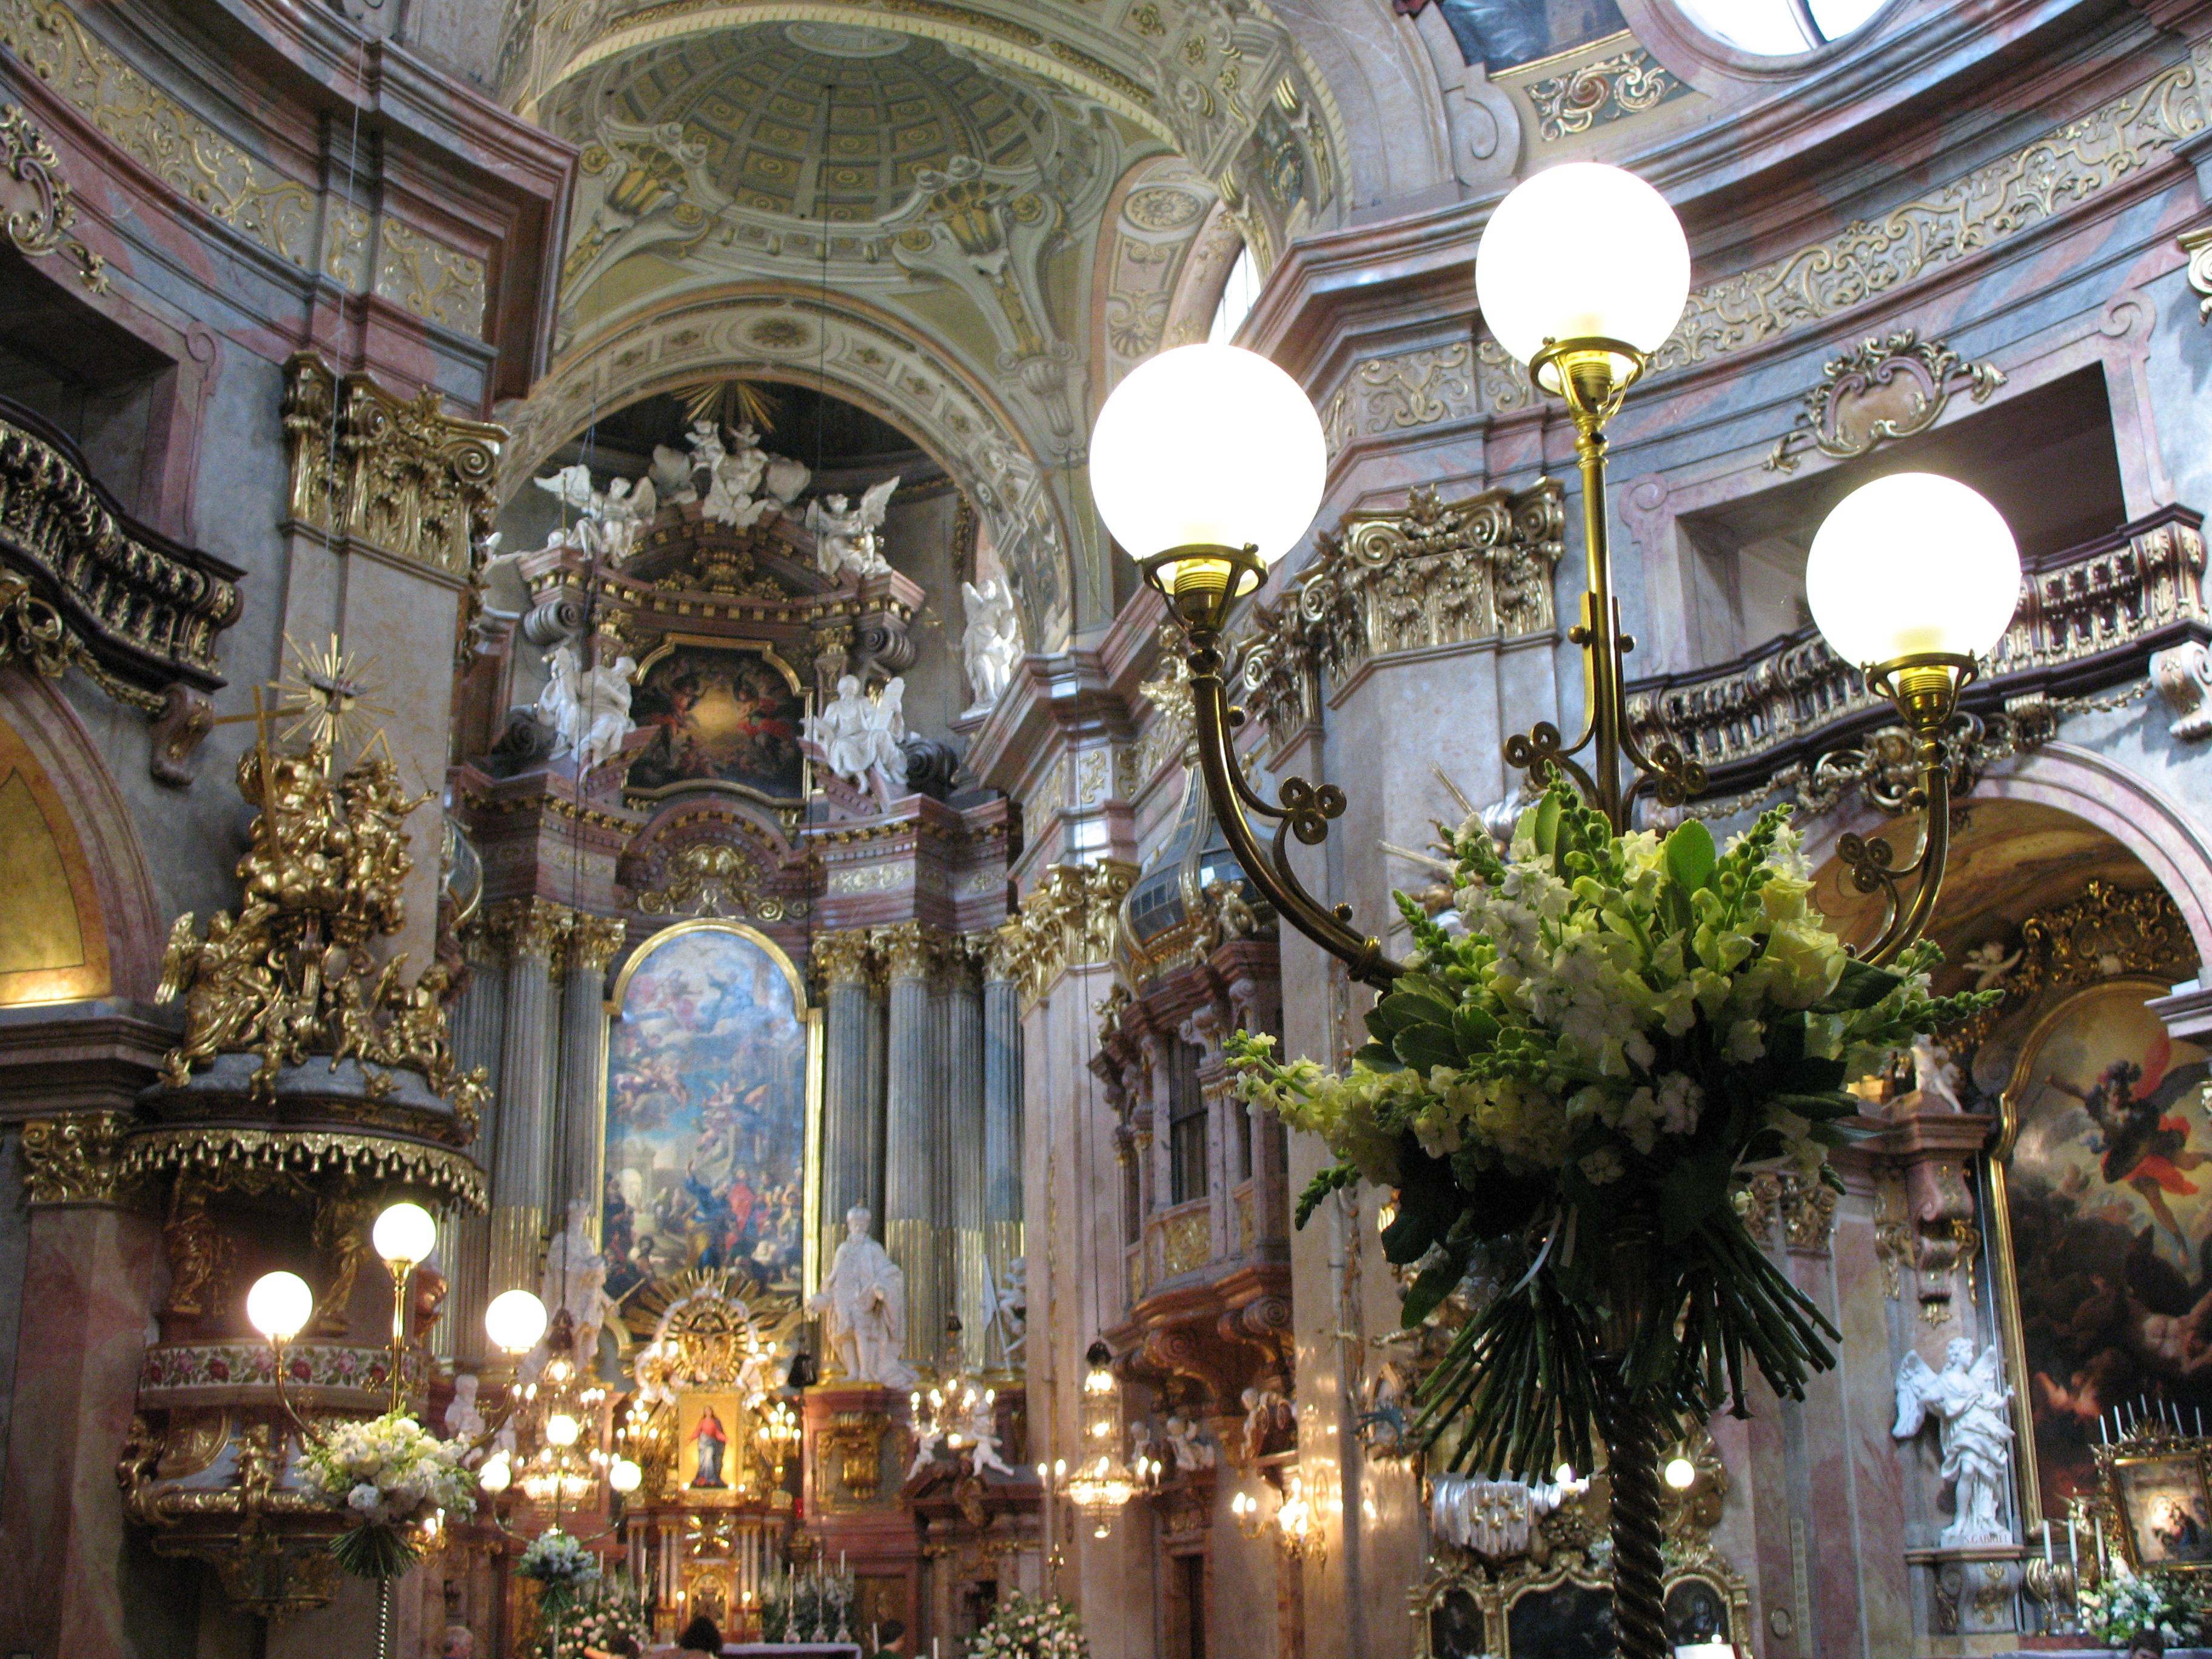 https://upload.wikimedia.org/wikipedia/commons/d/d8/IMG_0178_-_Wien_-_Peterskirche.JPG